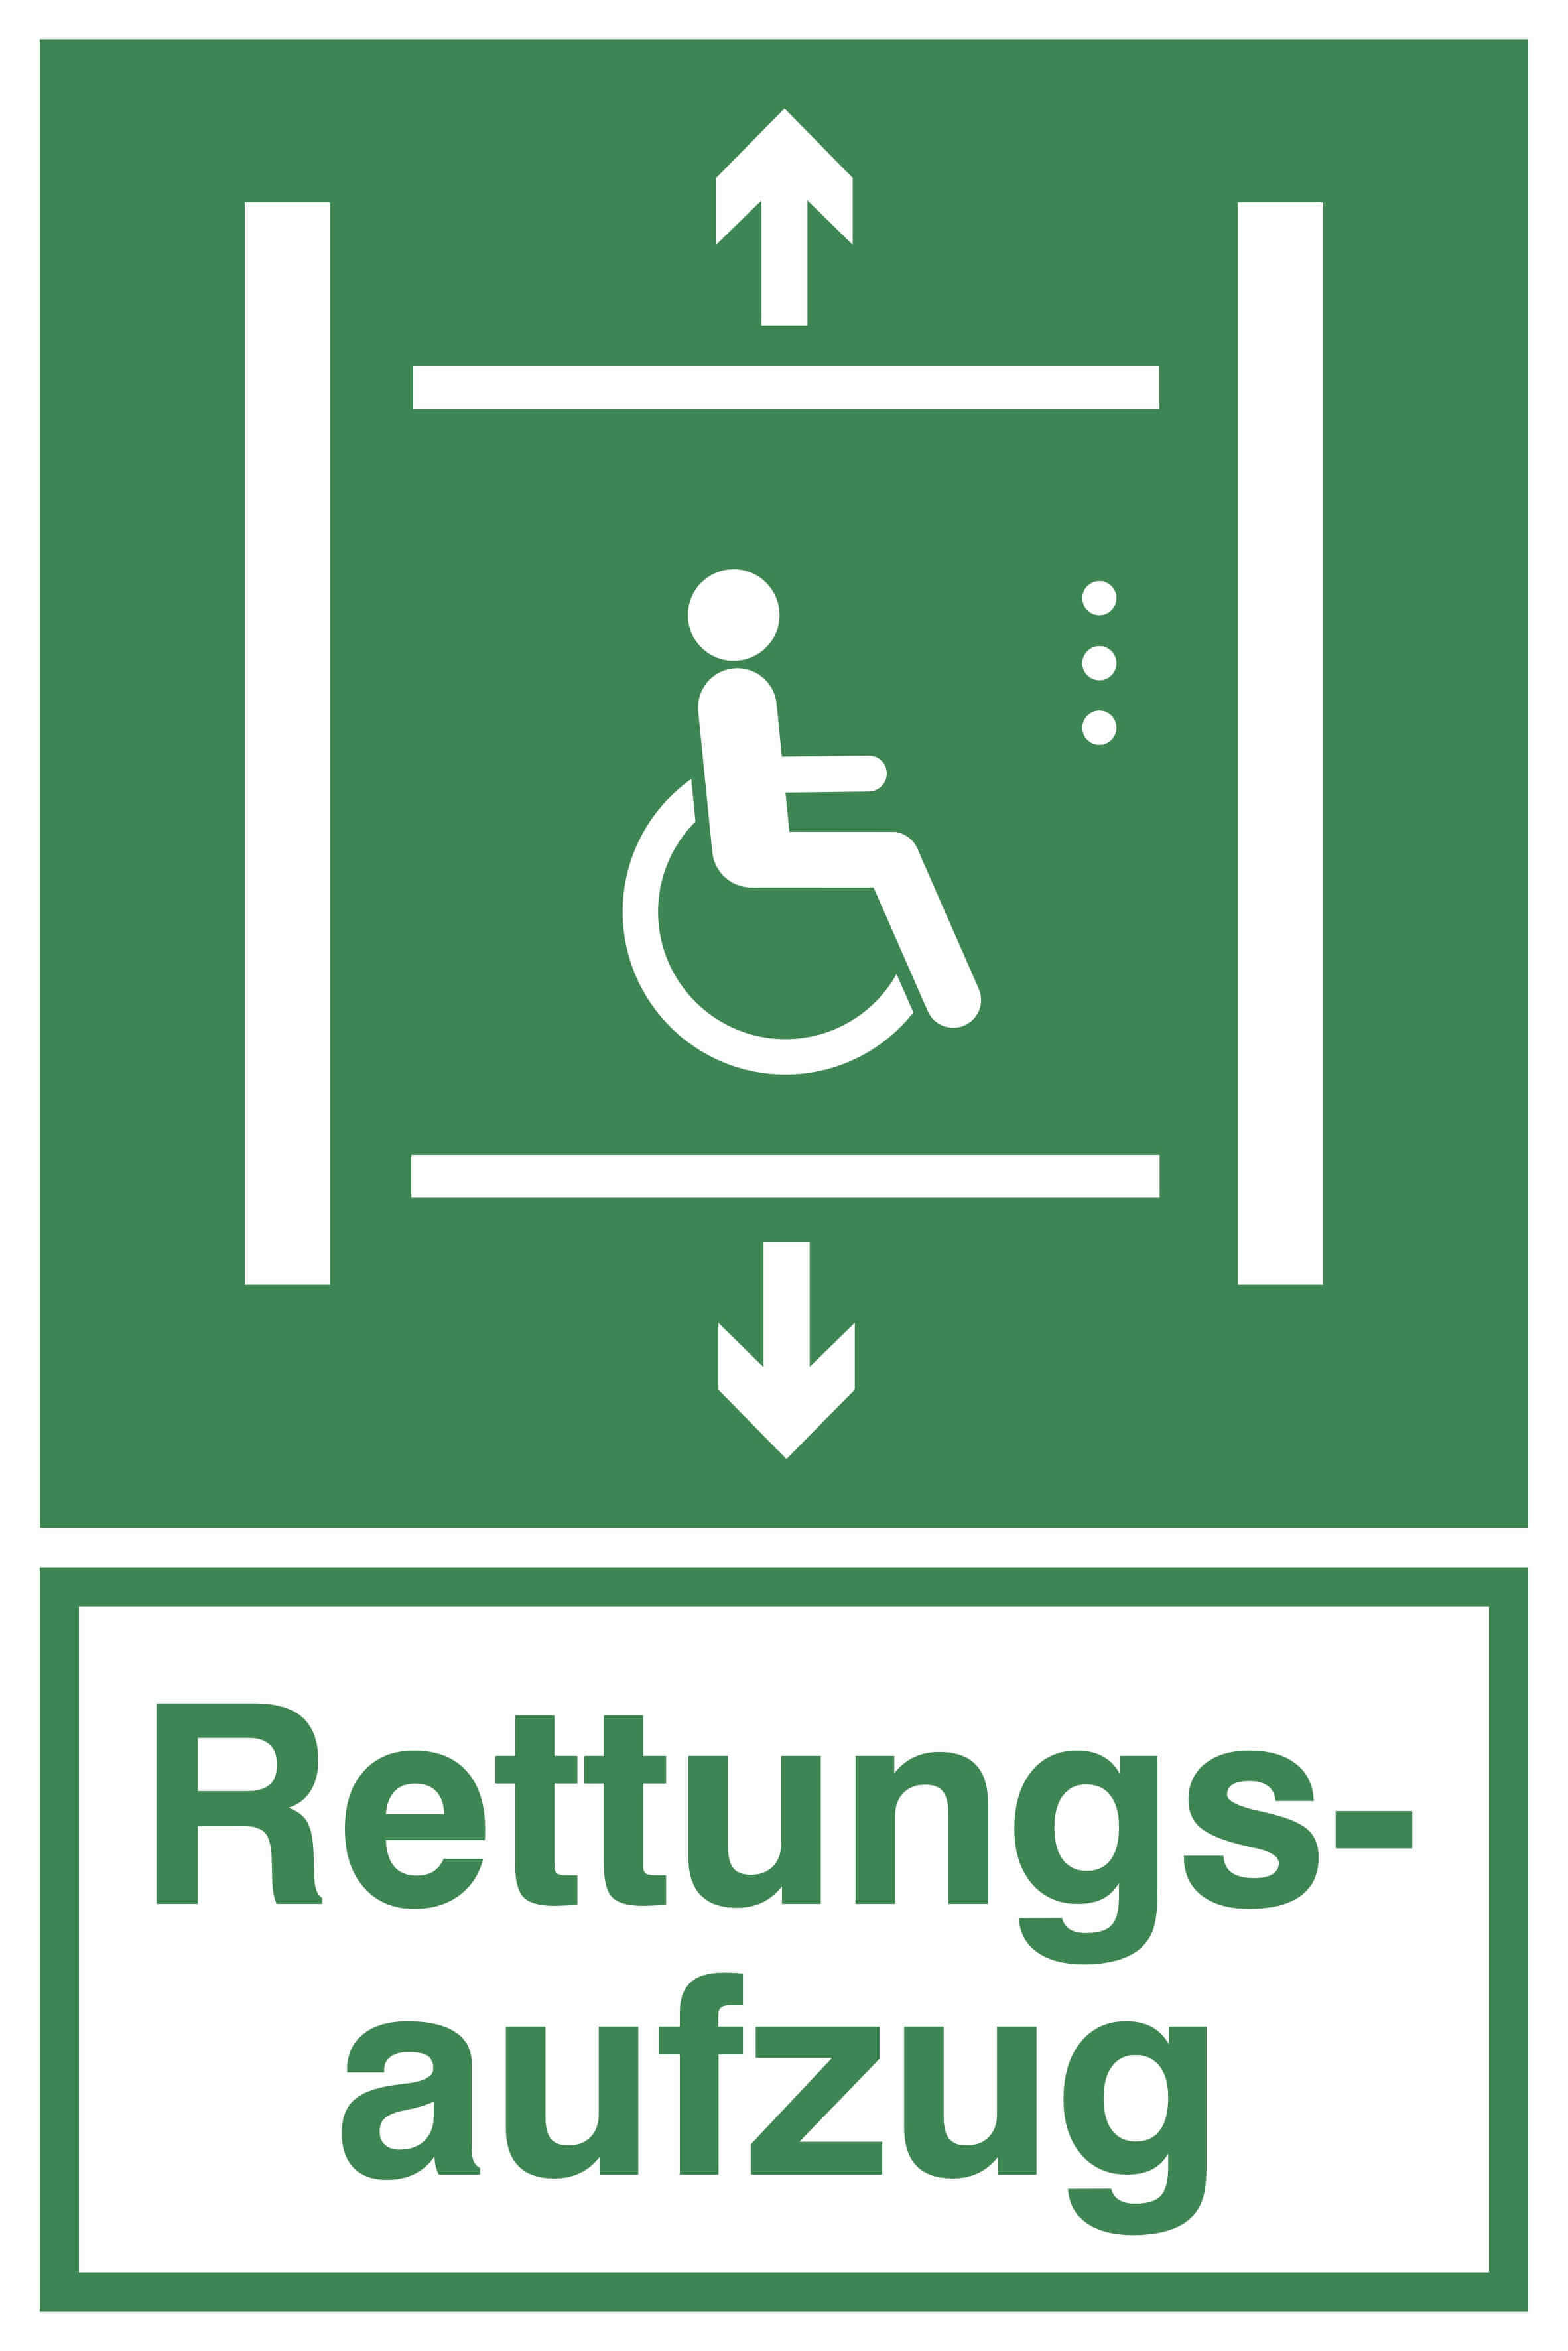 Kennzeichnung-Rettungsaufzug-Forum-Verlag-Herkert-GmbH